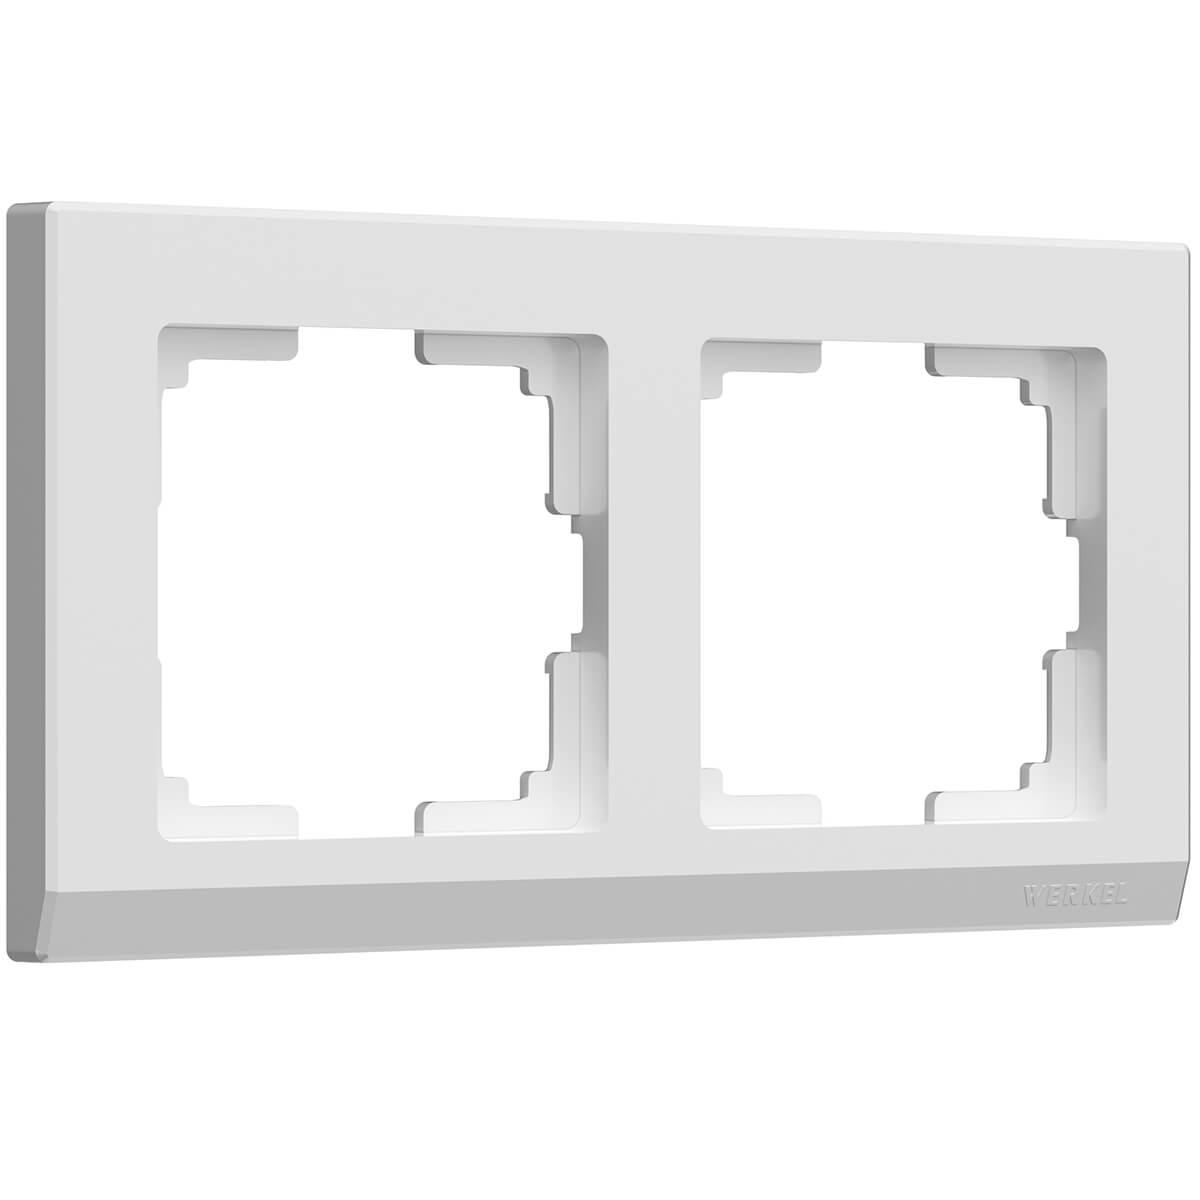 Рамка Stark на 2 поста белый WL04-Frame-02-white 4690389047114 цена